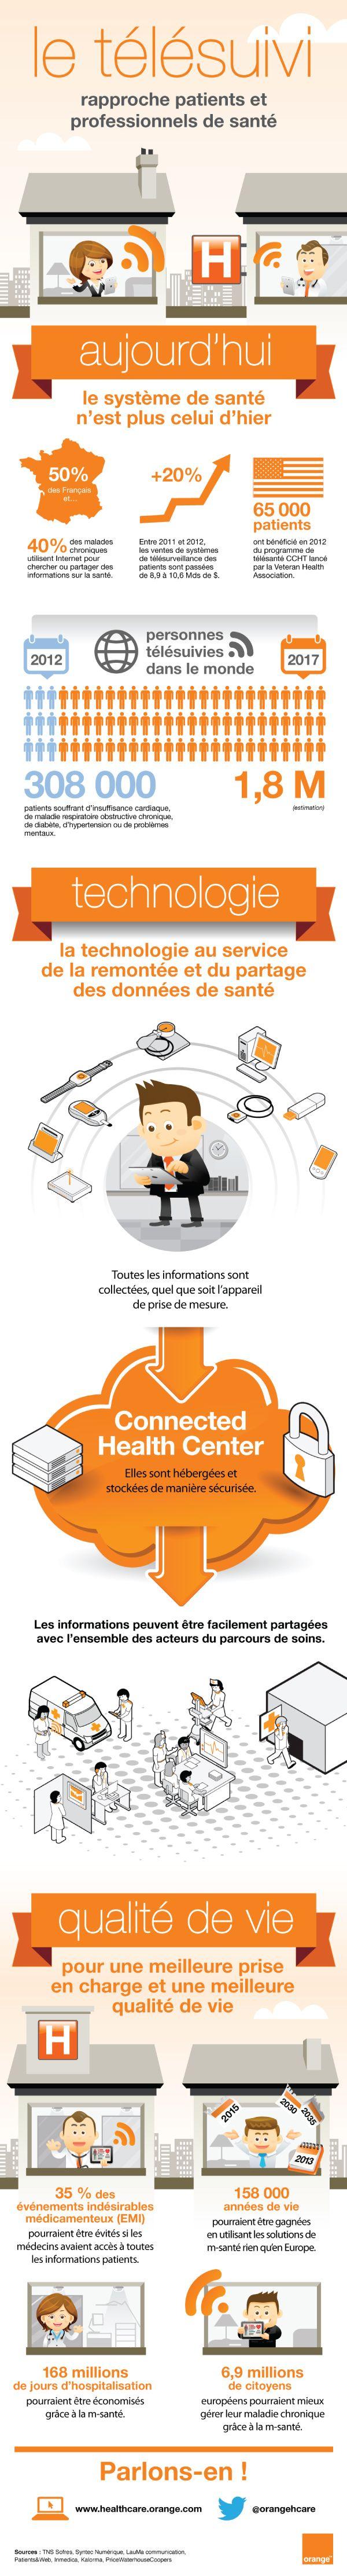 infographie - le télésuivi rapproche patients et professionnels de santé - Orange Healthcare